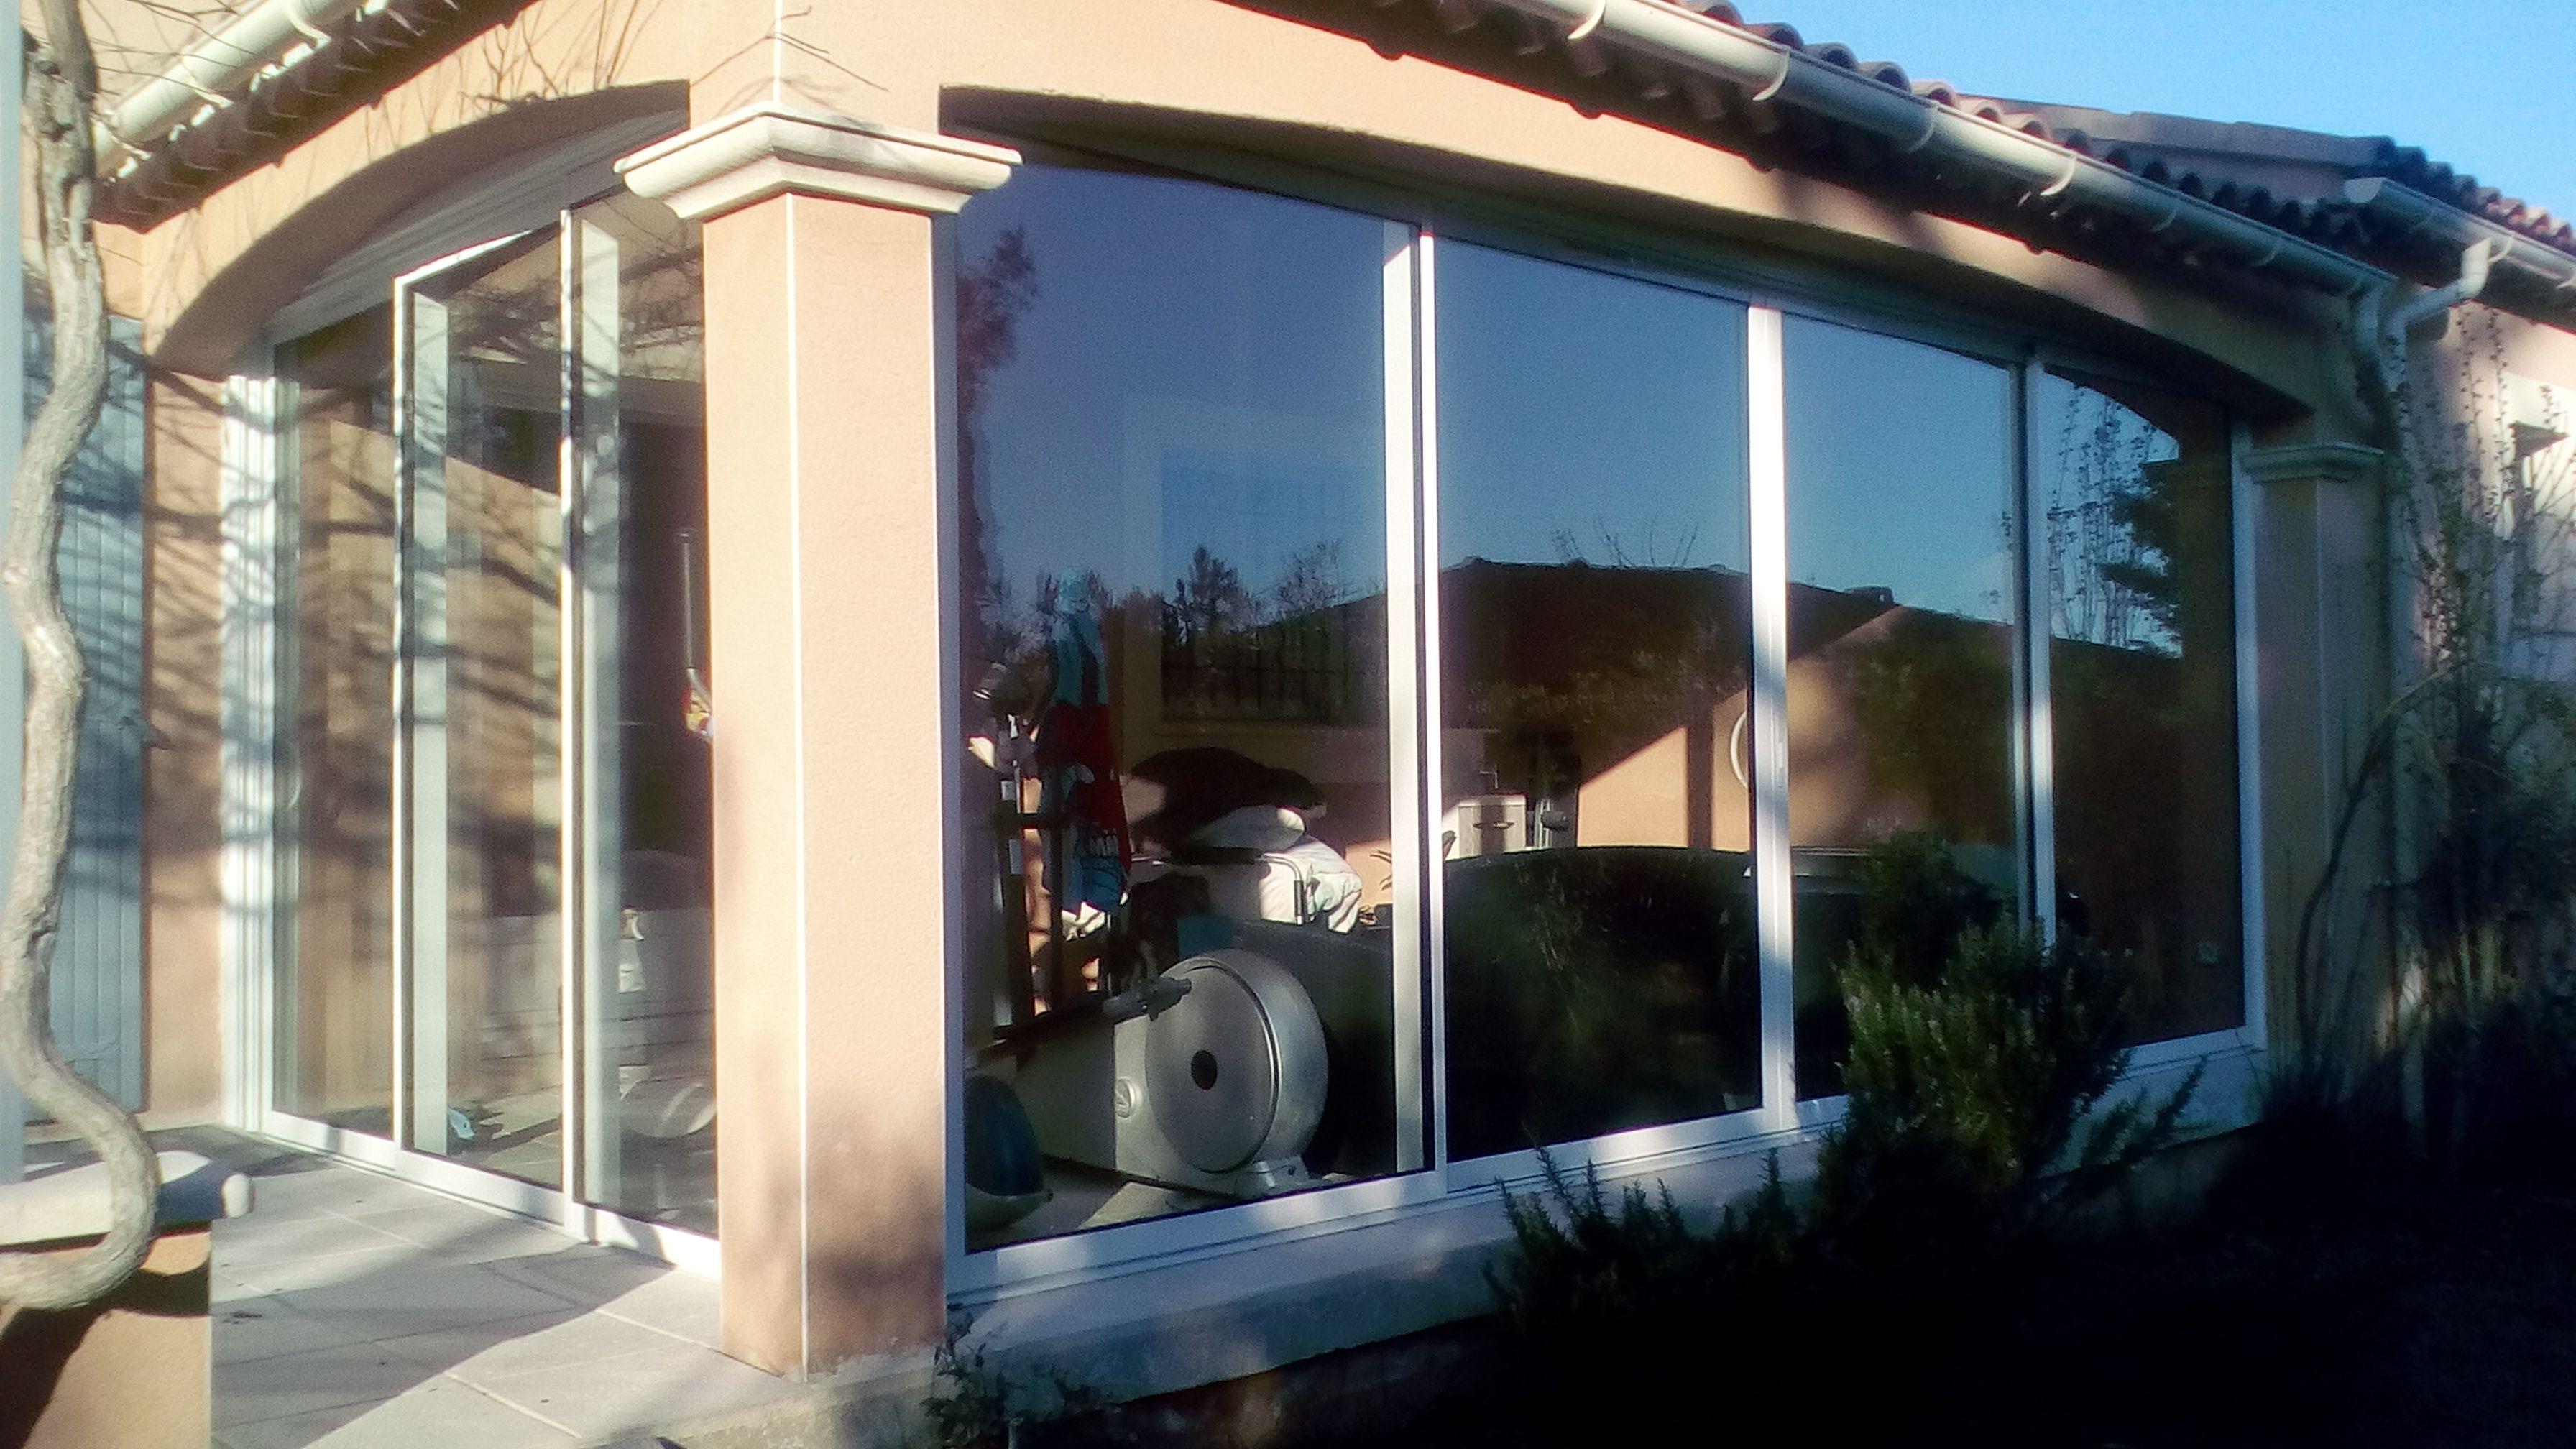 baie vitr e alu 3 vantaux 3 rails et baie coulissante aluminium 4 ouvrants 2 rails orion. Black Bedroom Furniture Sets. Home Design Ideas